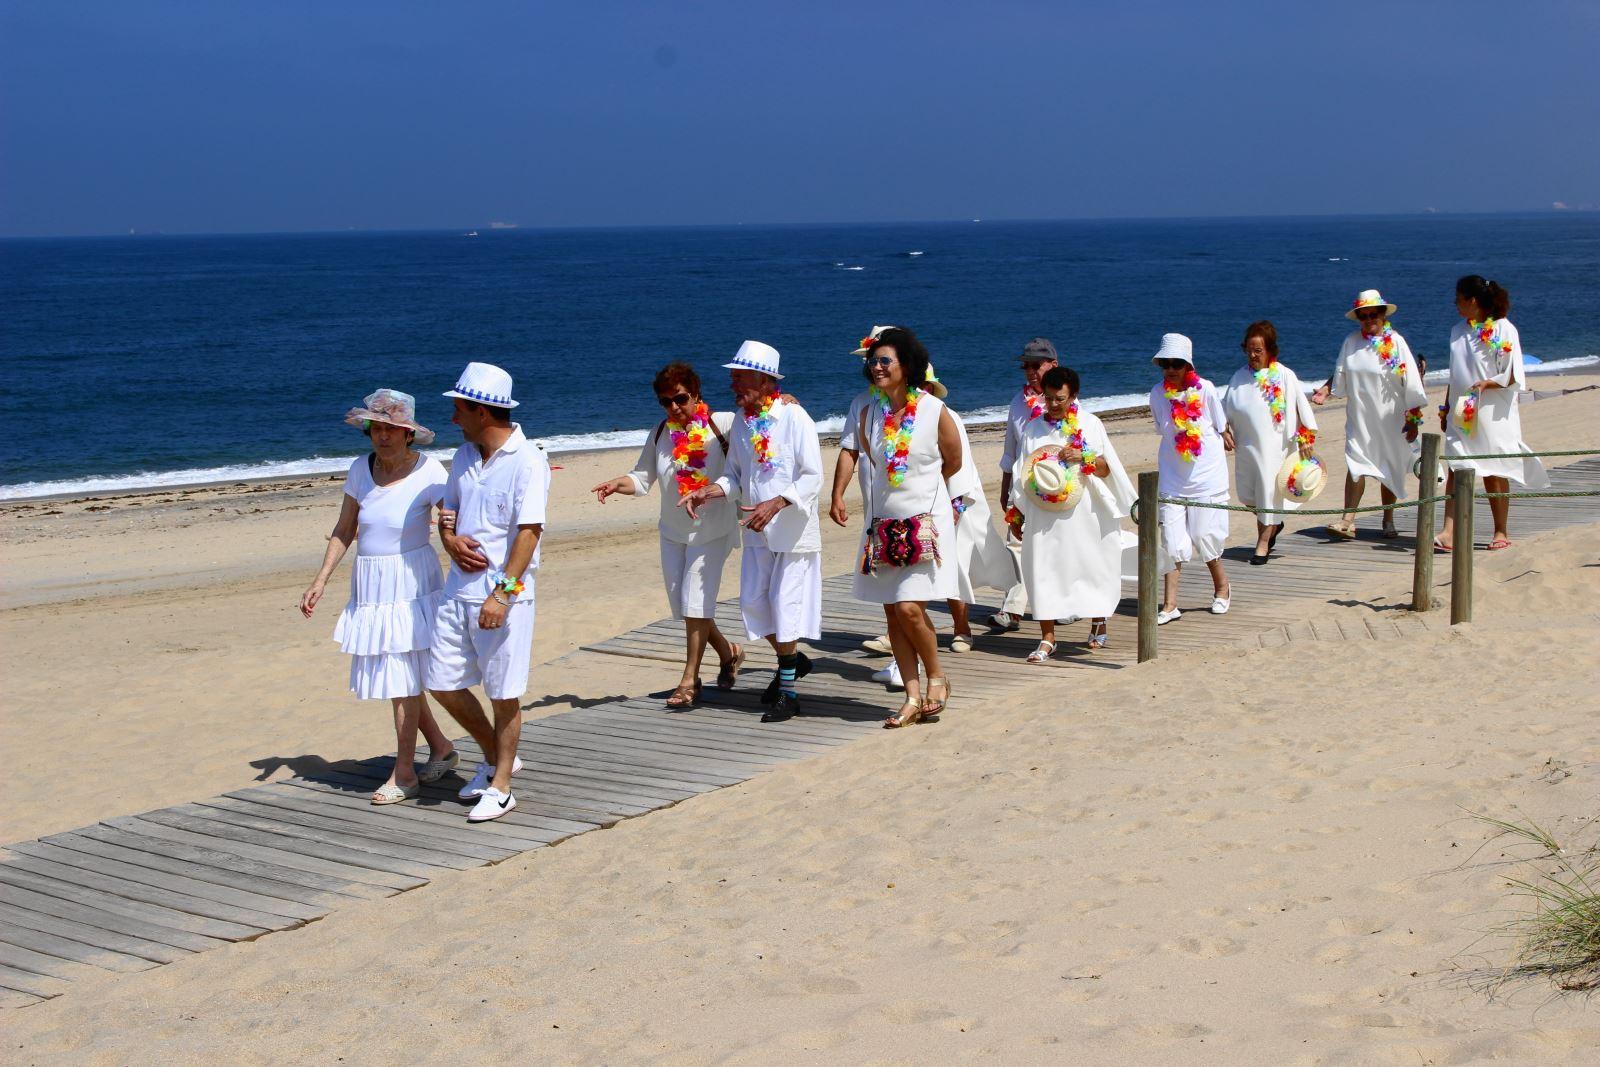 Paredes | Festa na praia para fomentar convívio